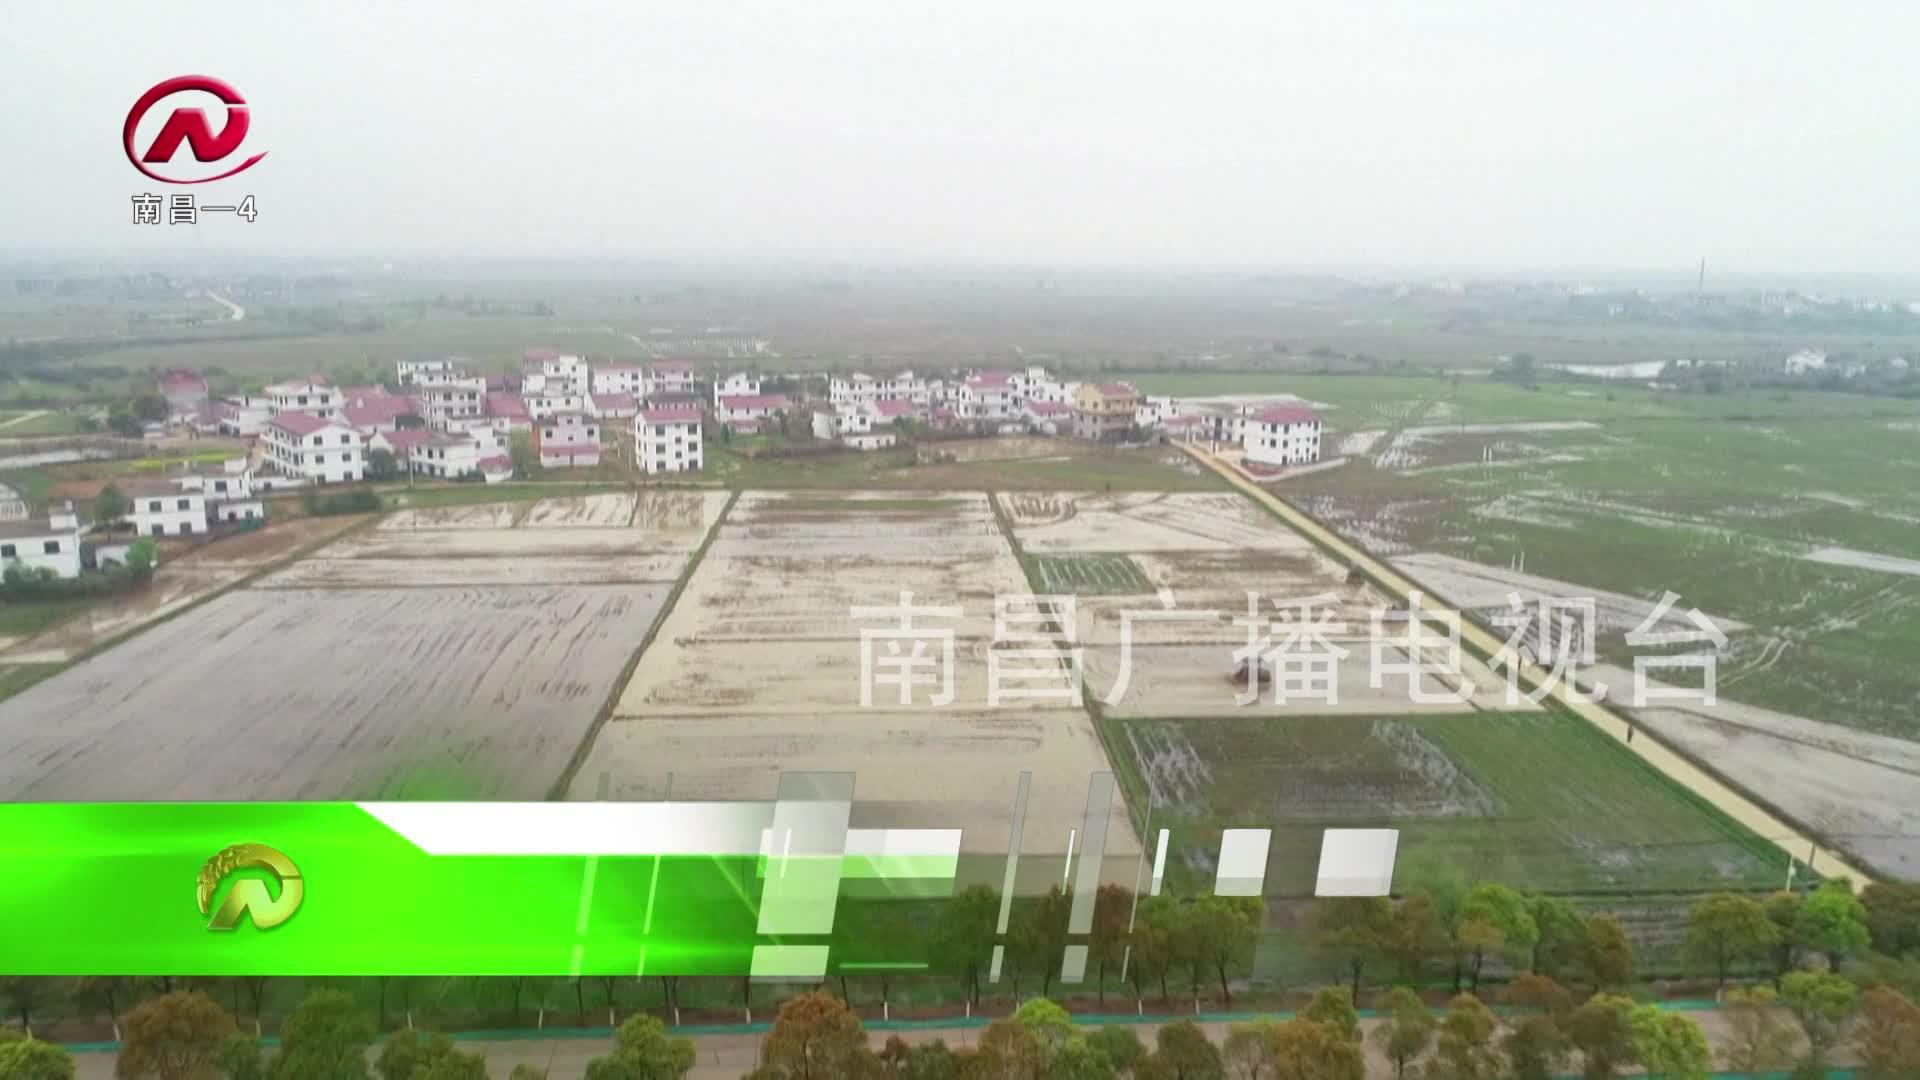 【豫章農視】新建區:春耕備耕 農機唱主角